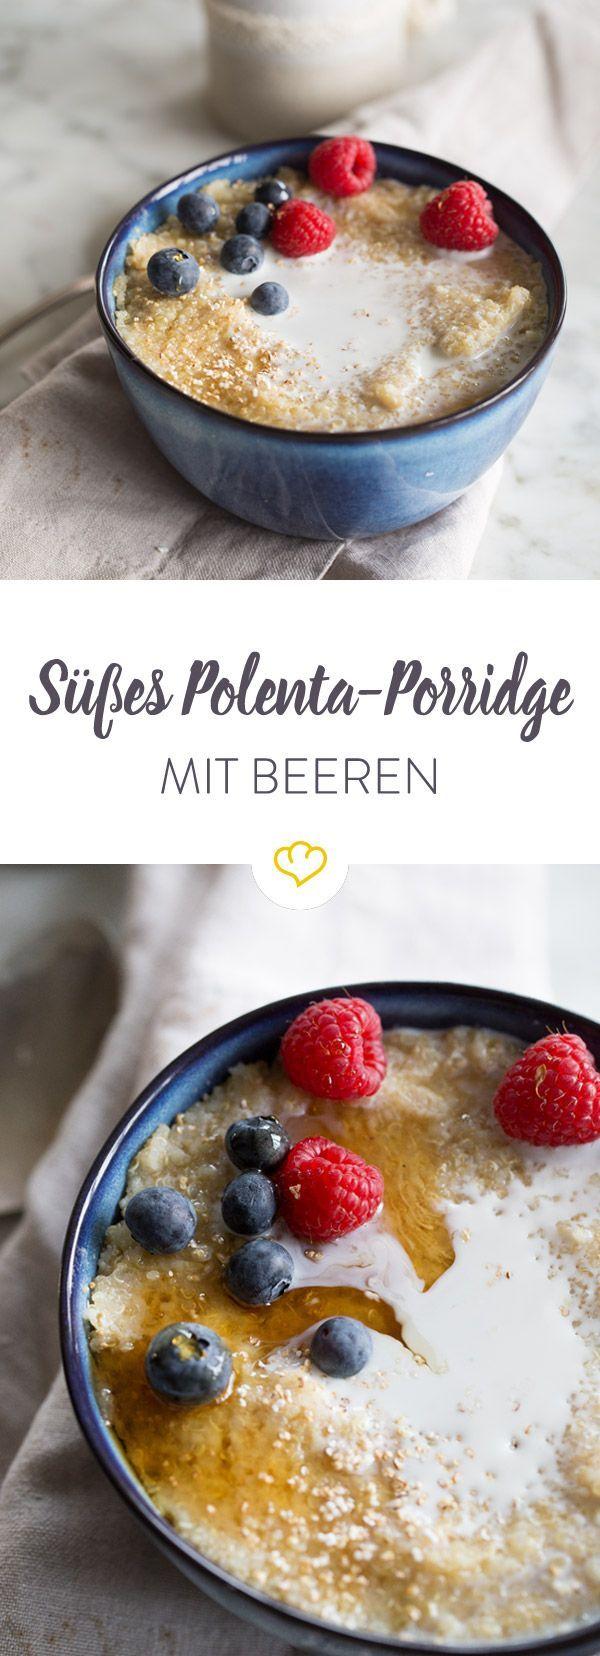 Süßes Polenta-Porridge mit Beeren – Petra Fuchs